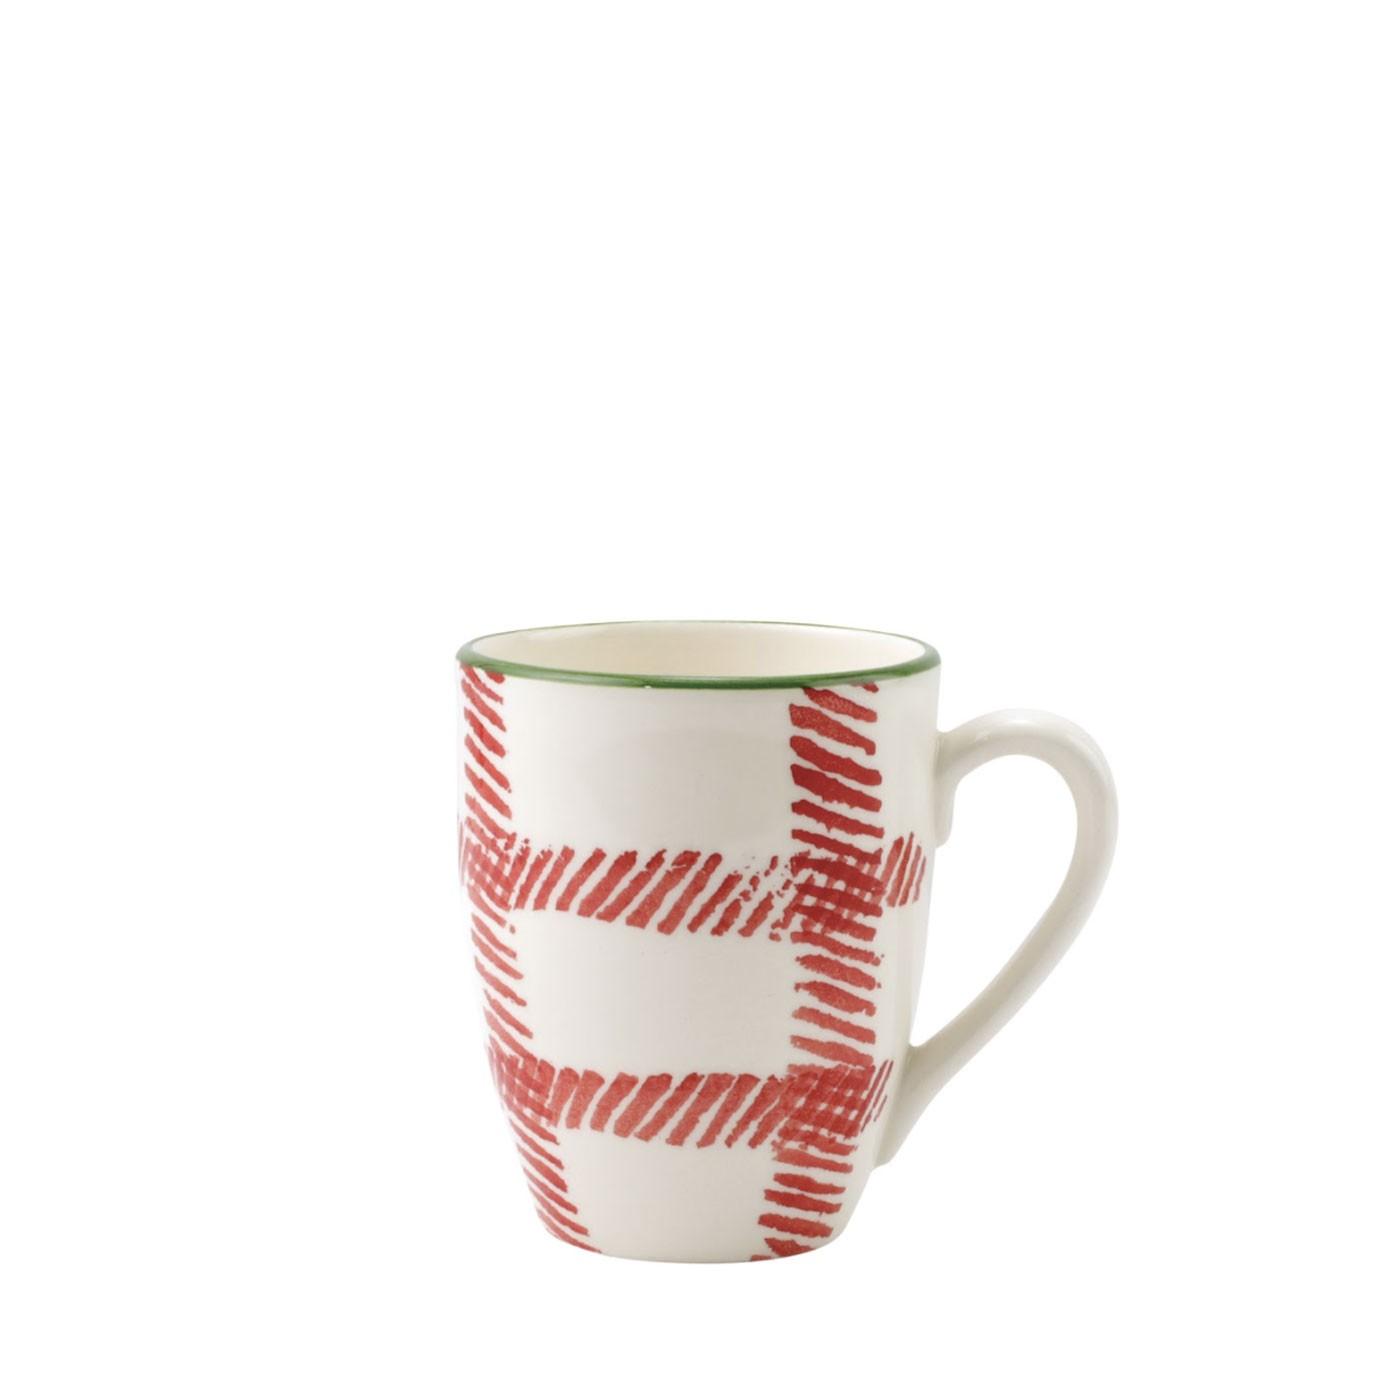 Mistletoe Plaid Mug